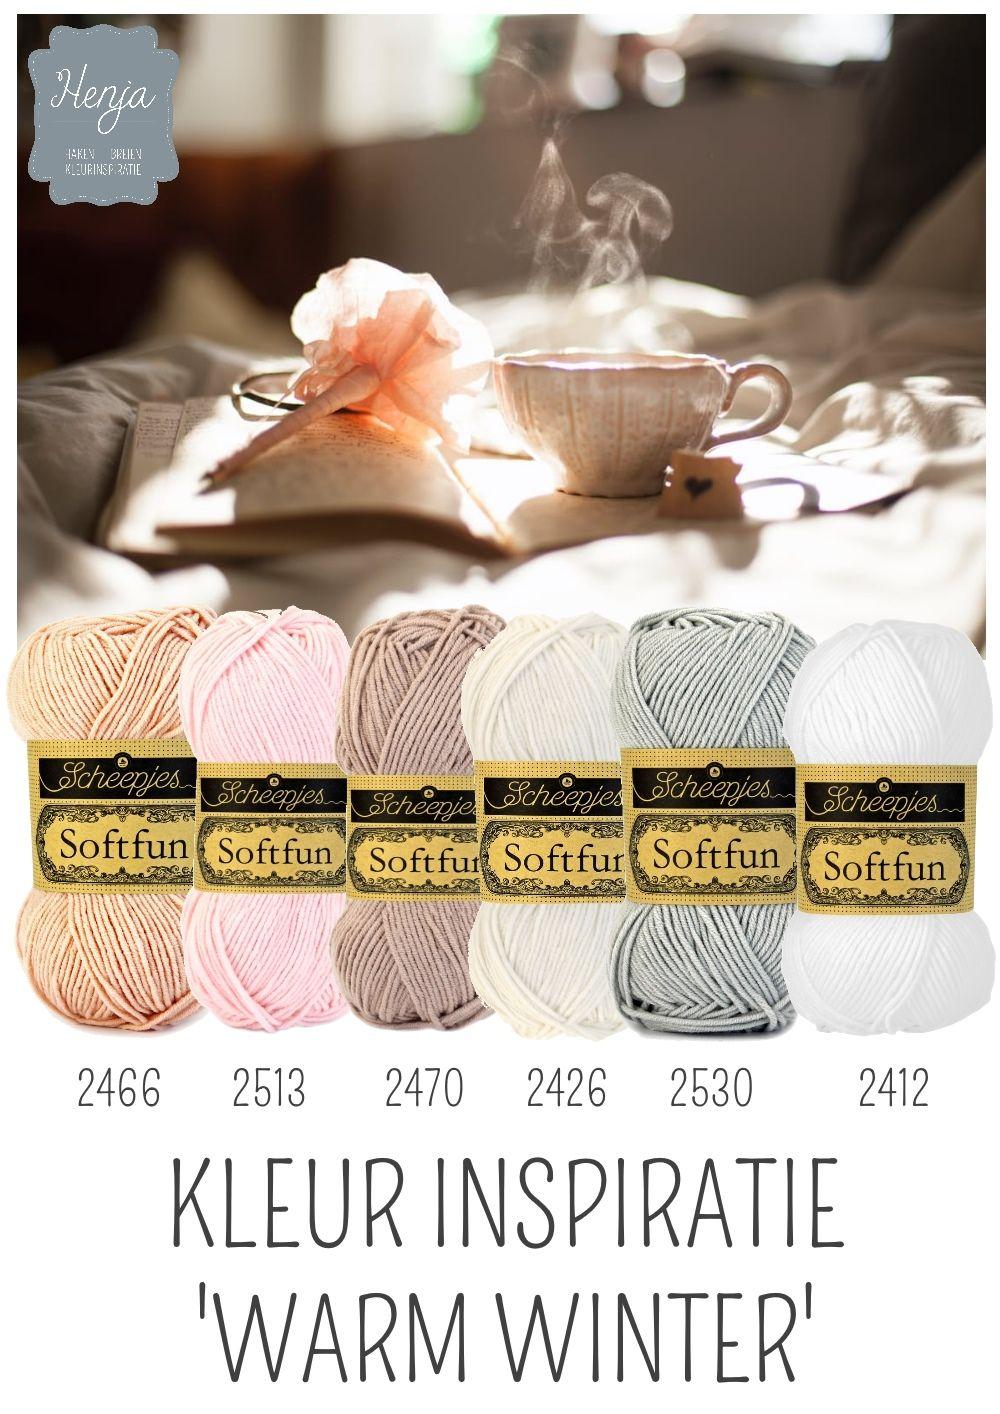 Kleurinspiratie Warm Winter / Scheepjes Softfun Yarn